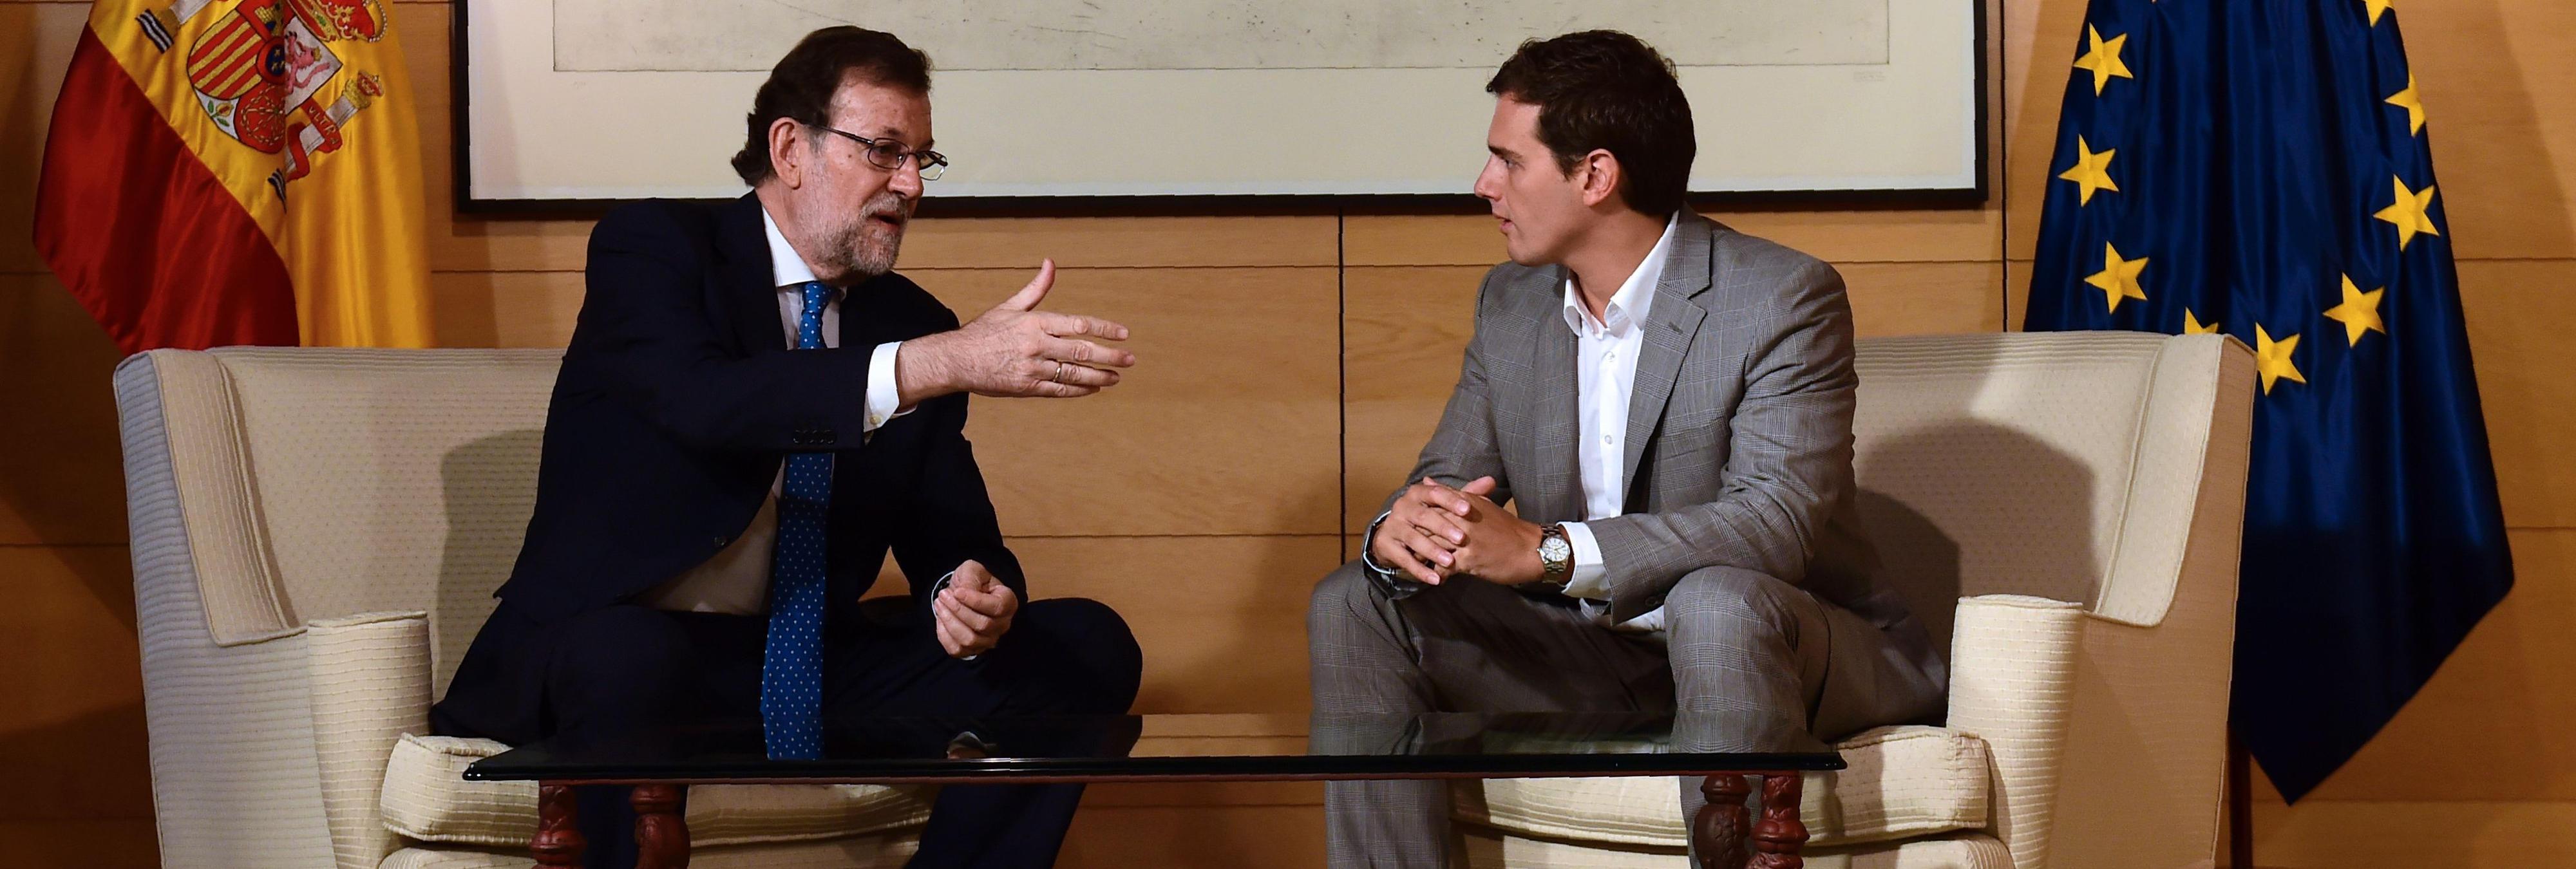 Primer acuerdo entre PP y Ciudadanos: Los populares presidirán el Congreso con Ana Pastor